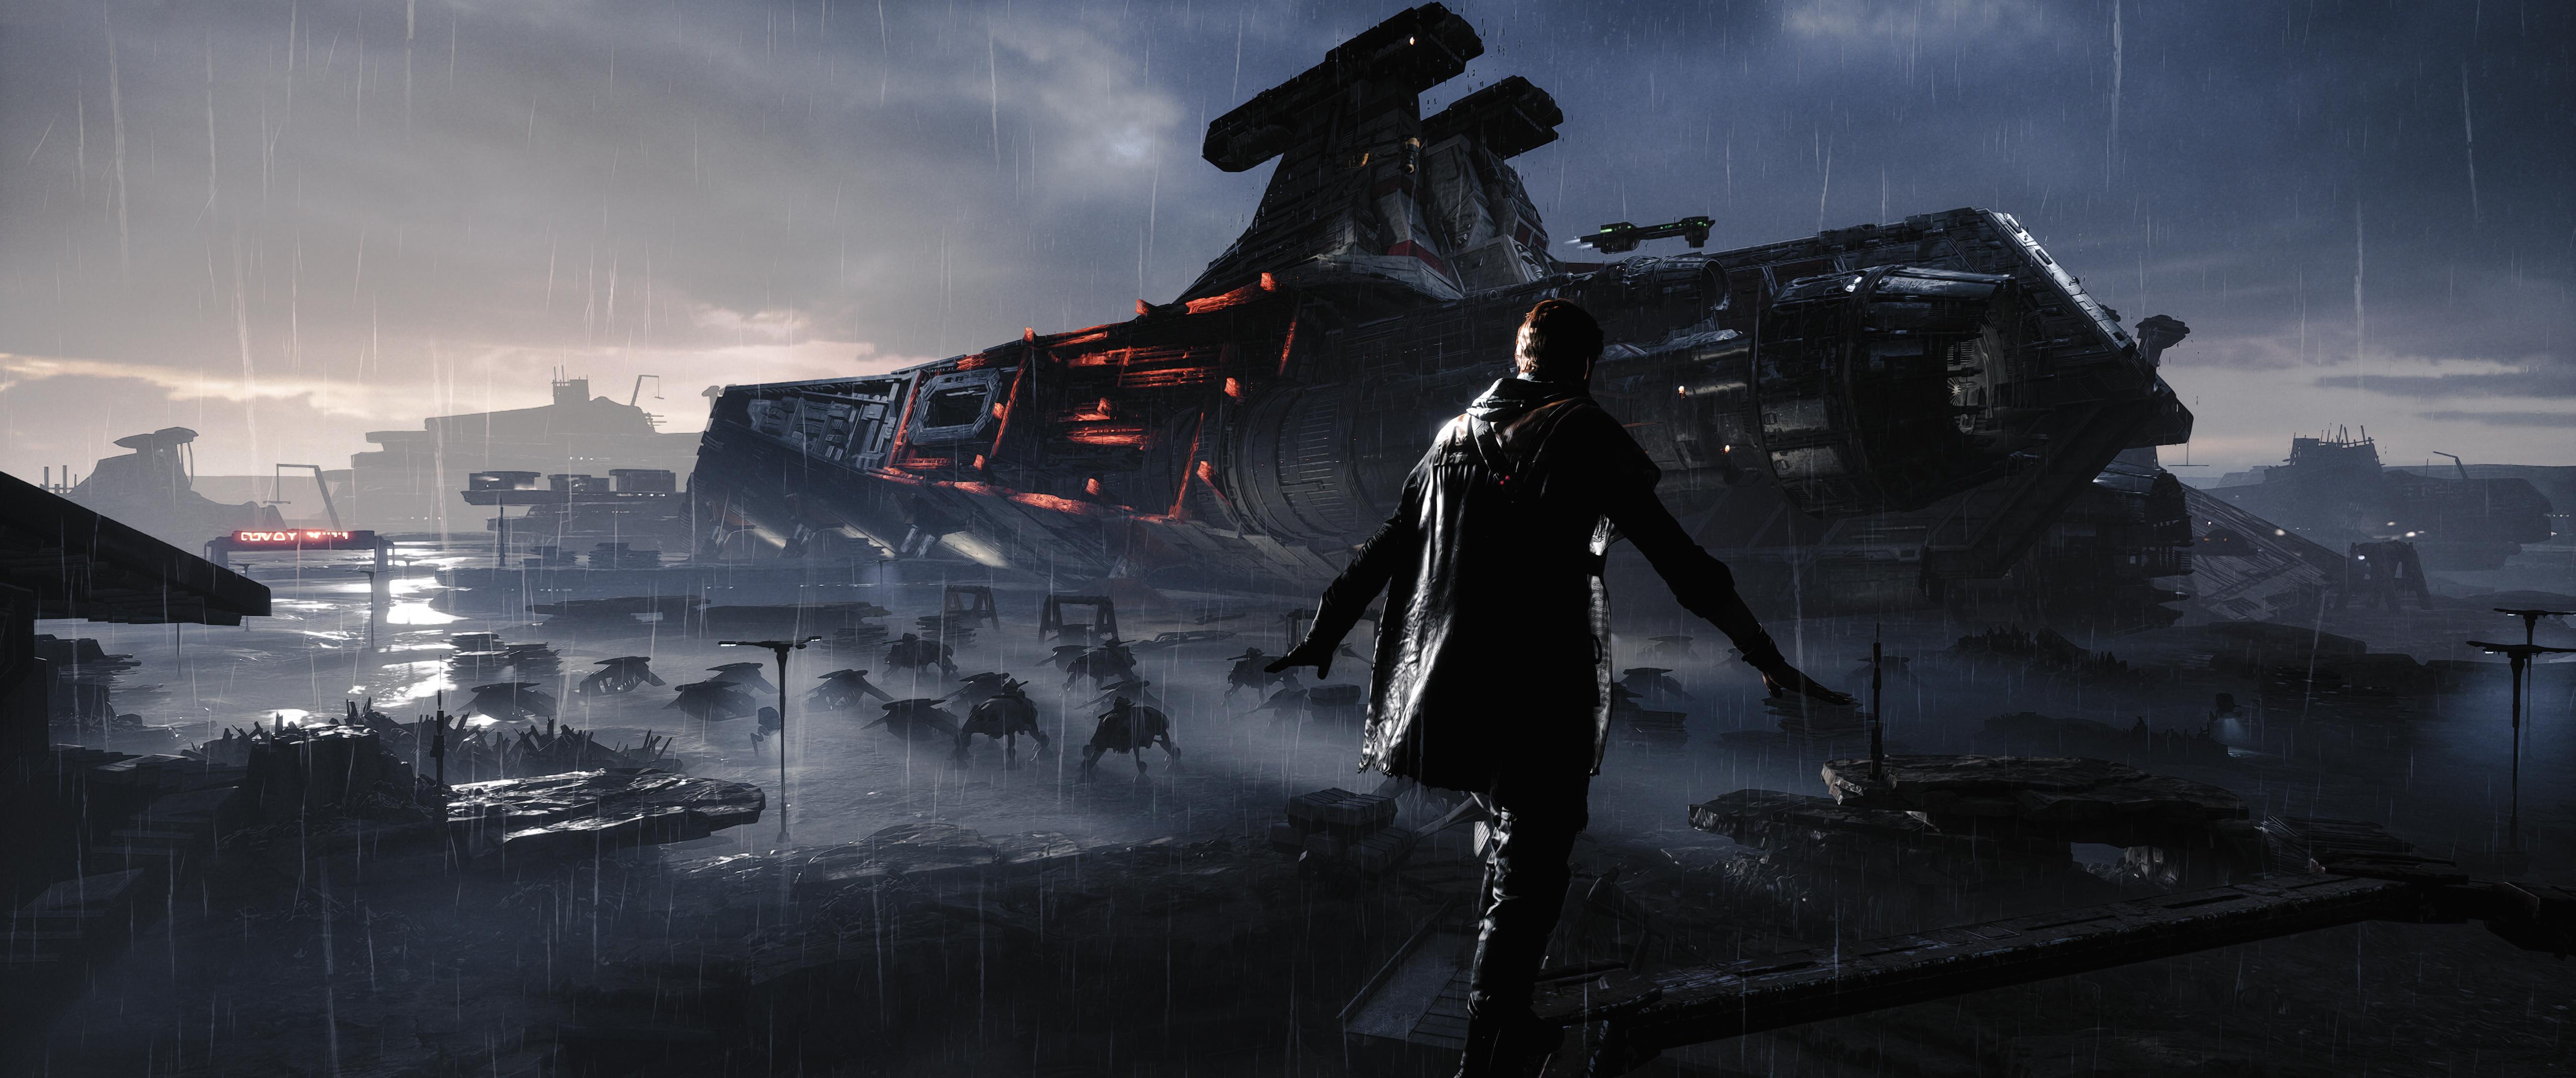 Star Wars Jedi Fallen Order 5k 2020 Hd Games 4k Wallpapers